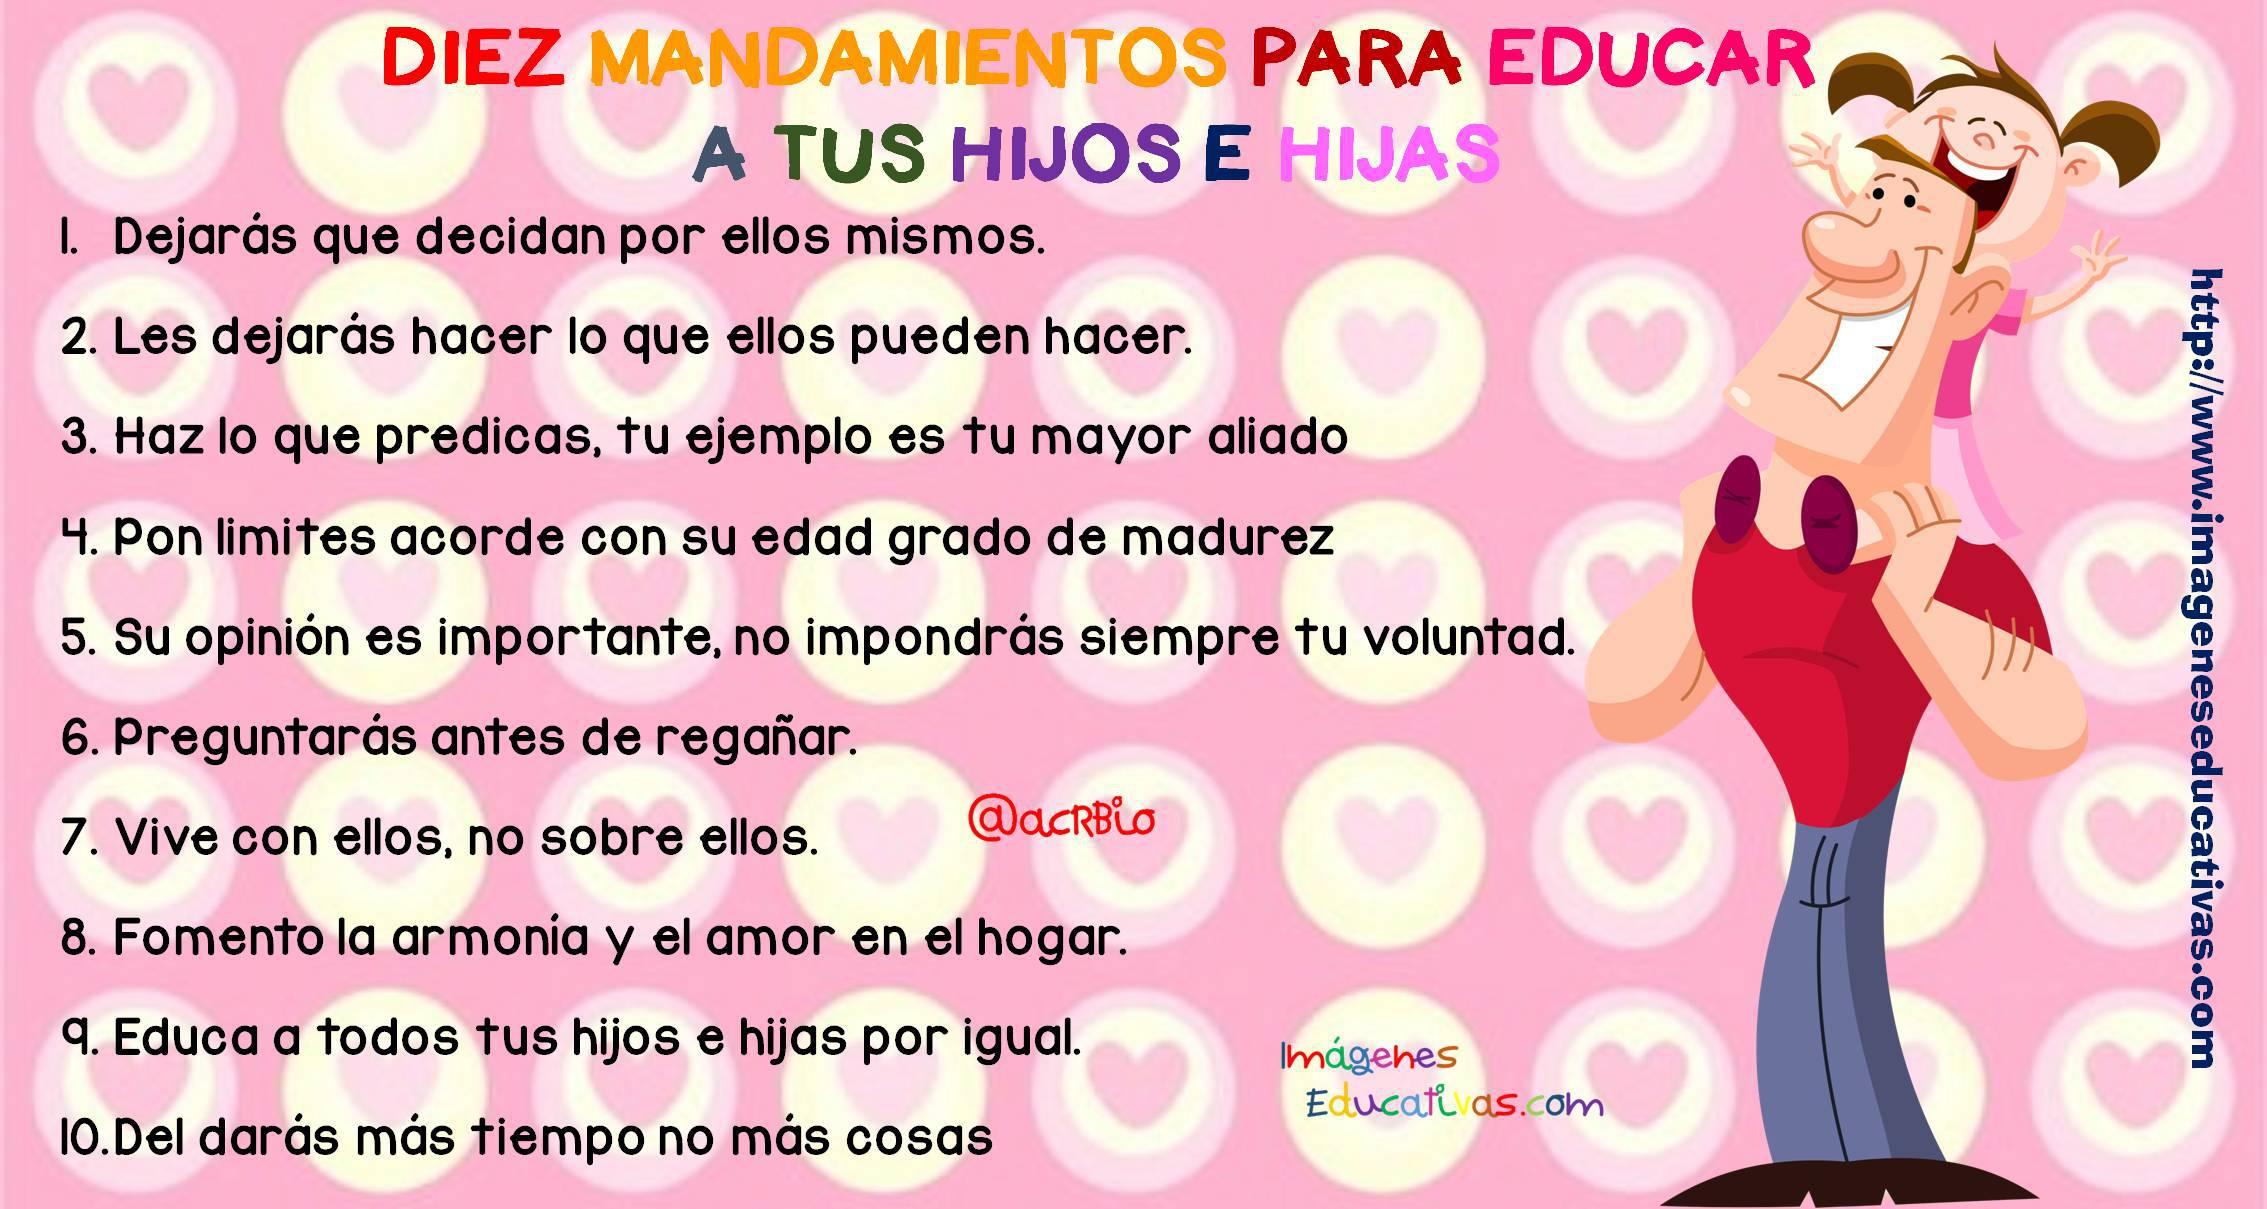 diez-mandamientos-para-educar-a-tus-hijos-e-hijas-2